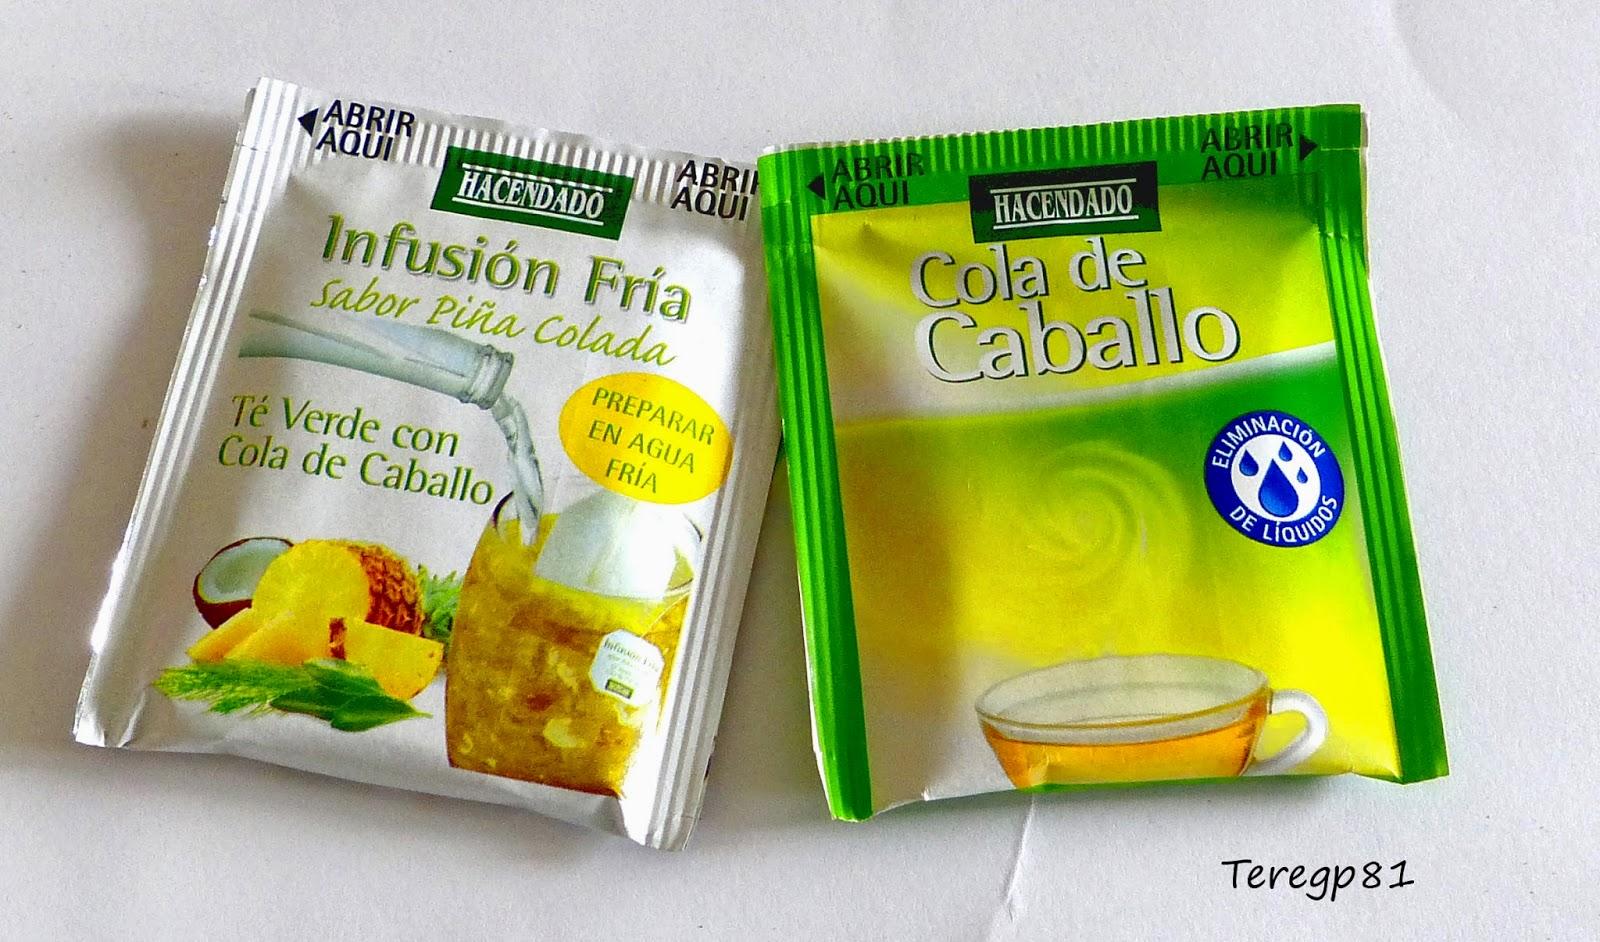 Té Verde Disadvantage Huesito Dulce Norae De Caballo Pros Y Contras Se Puede Mezclar Te Verde Con Cola De Caballo